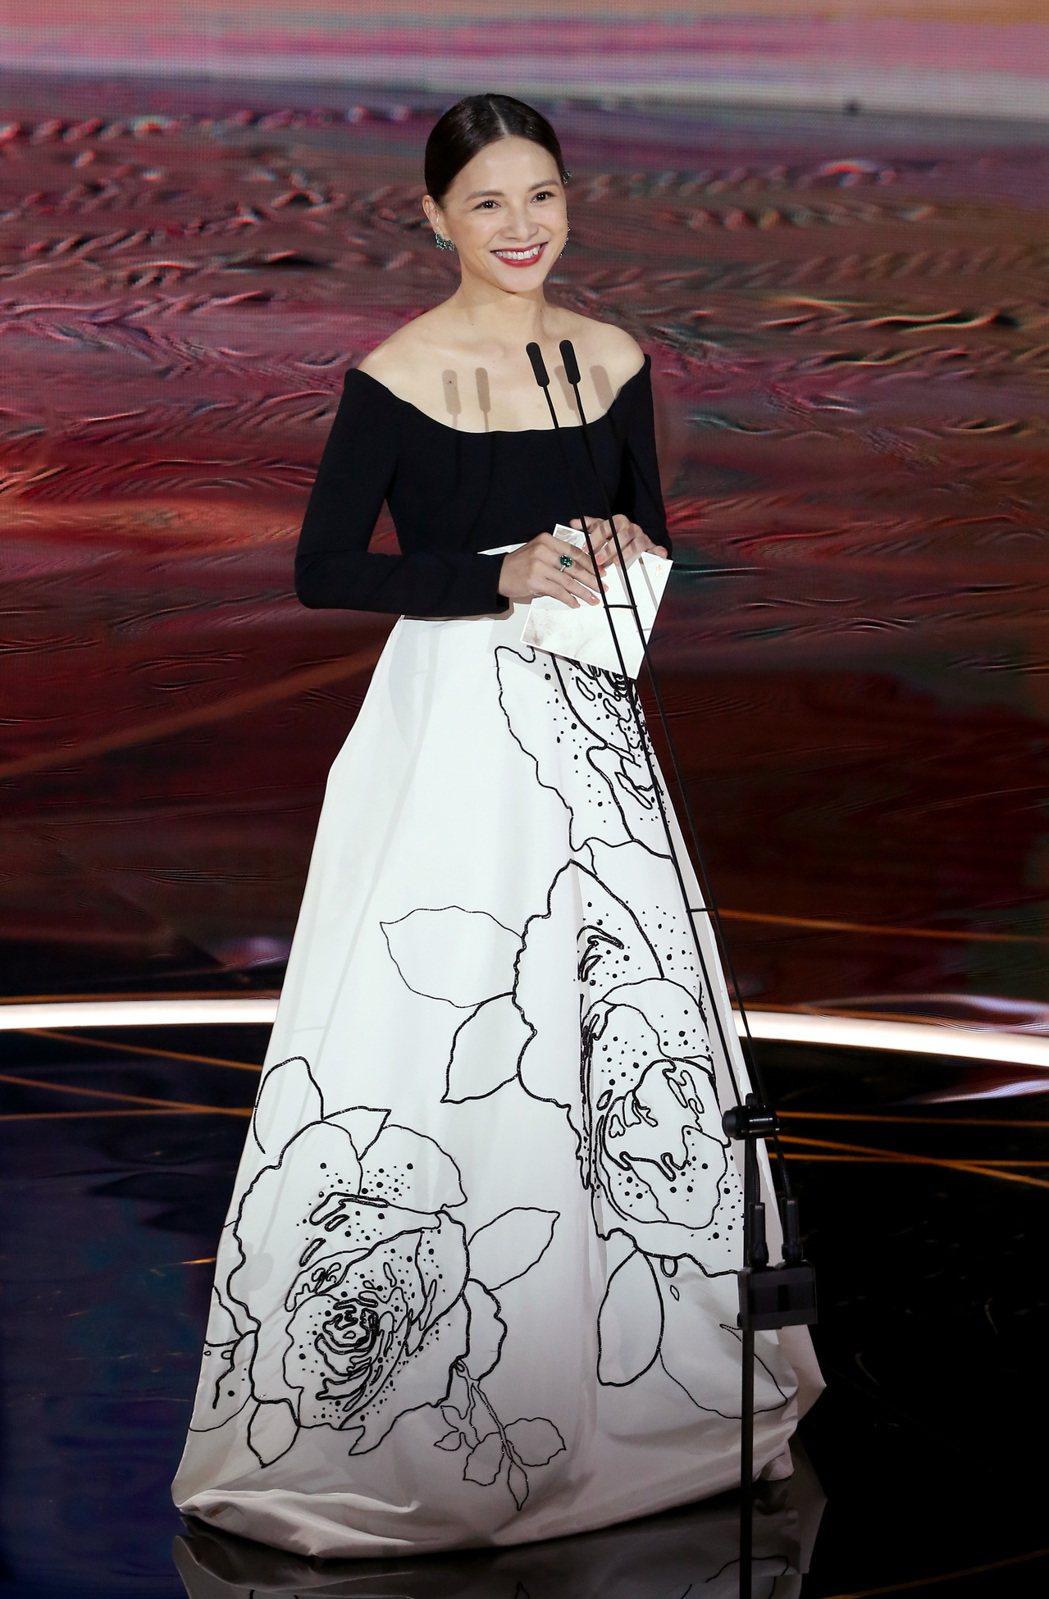 第57屆金馬獎頒獎典禮在國父紀念館舉行,李心潔擔任頒獎人。記者季相儒/攝影